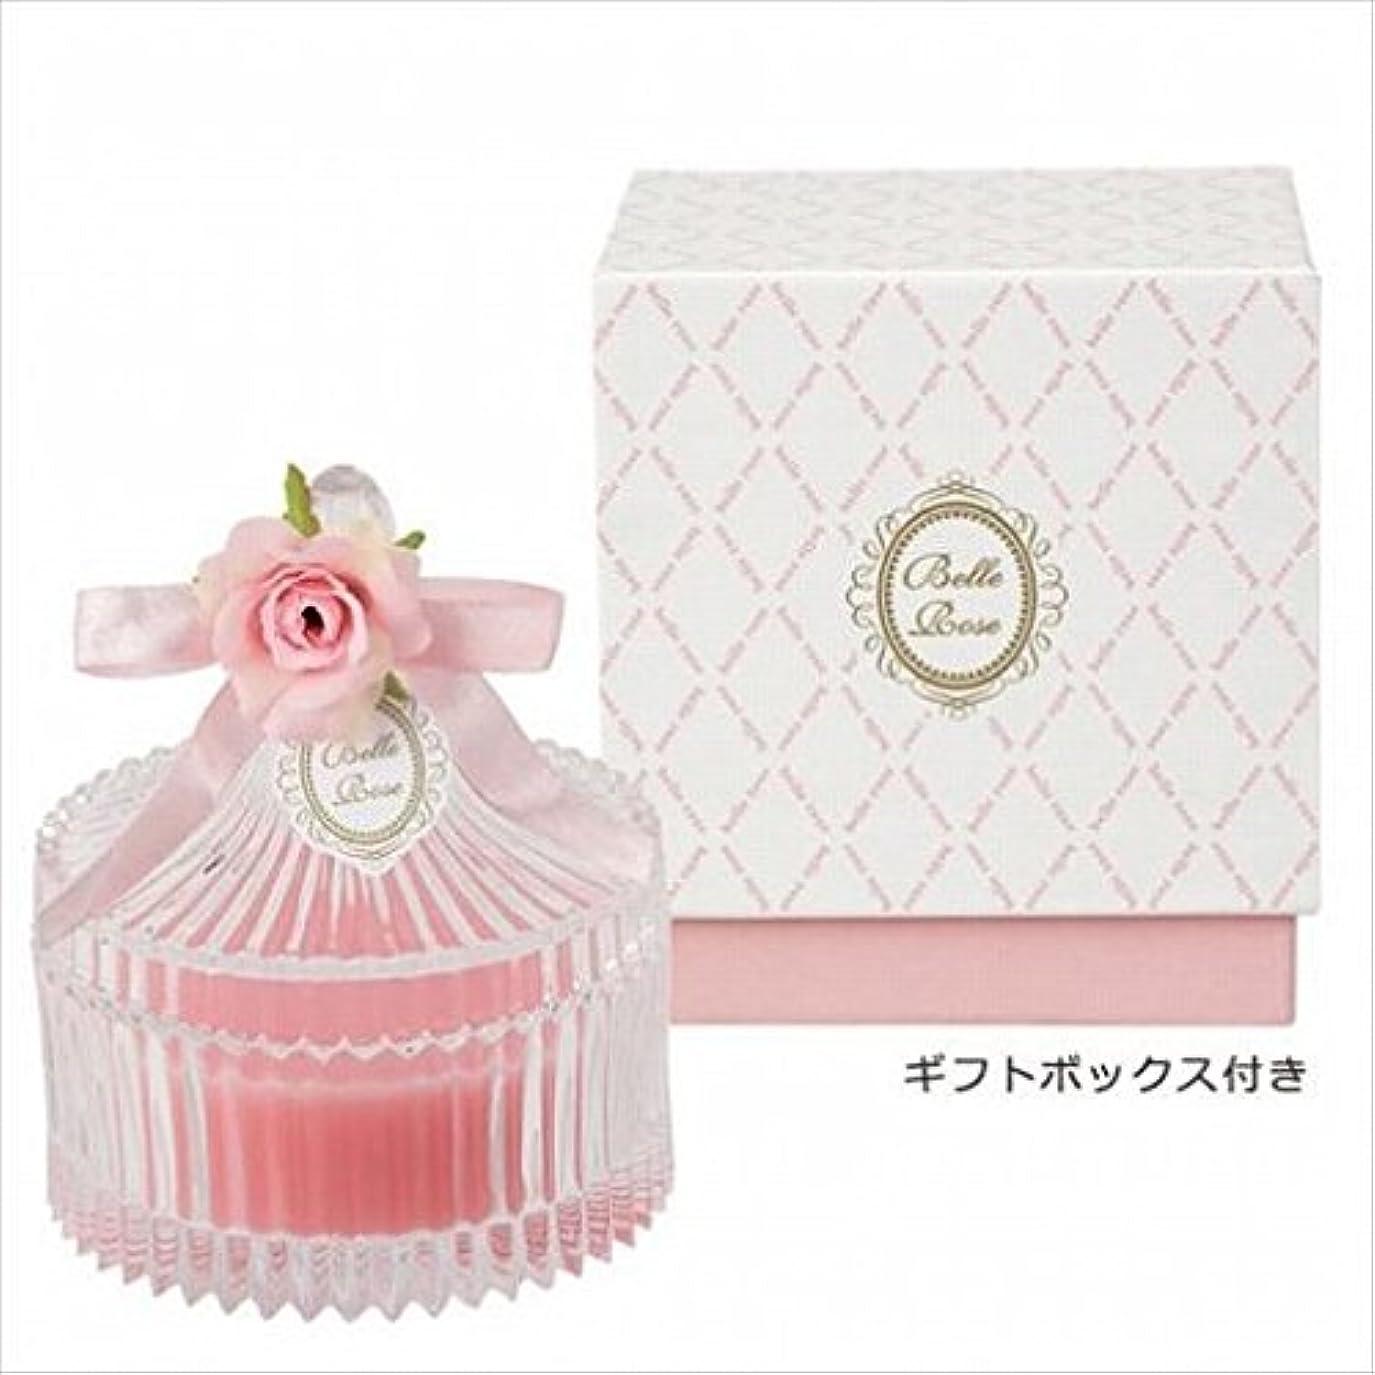 楽なやさしく区別するkameyama candle(カメヤマキャンドル) ベルローズキャニスター 「 ピンク 」 キャンドル(A5920500PK)